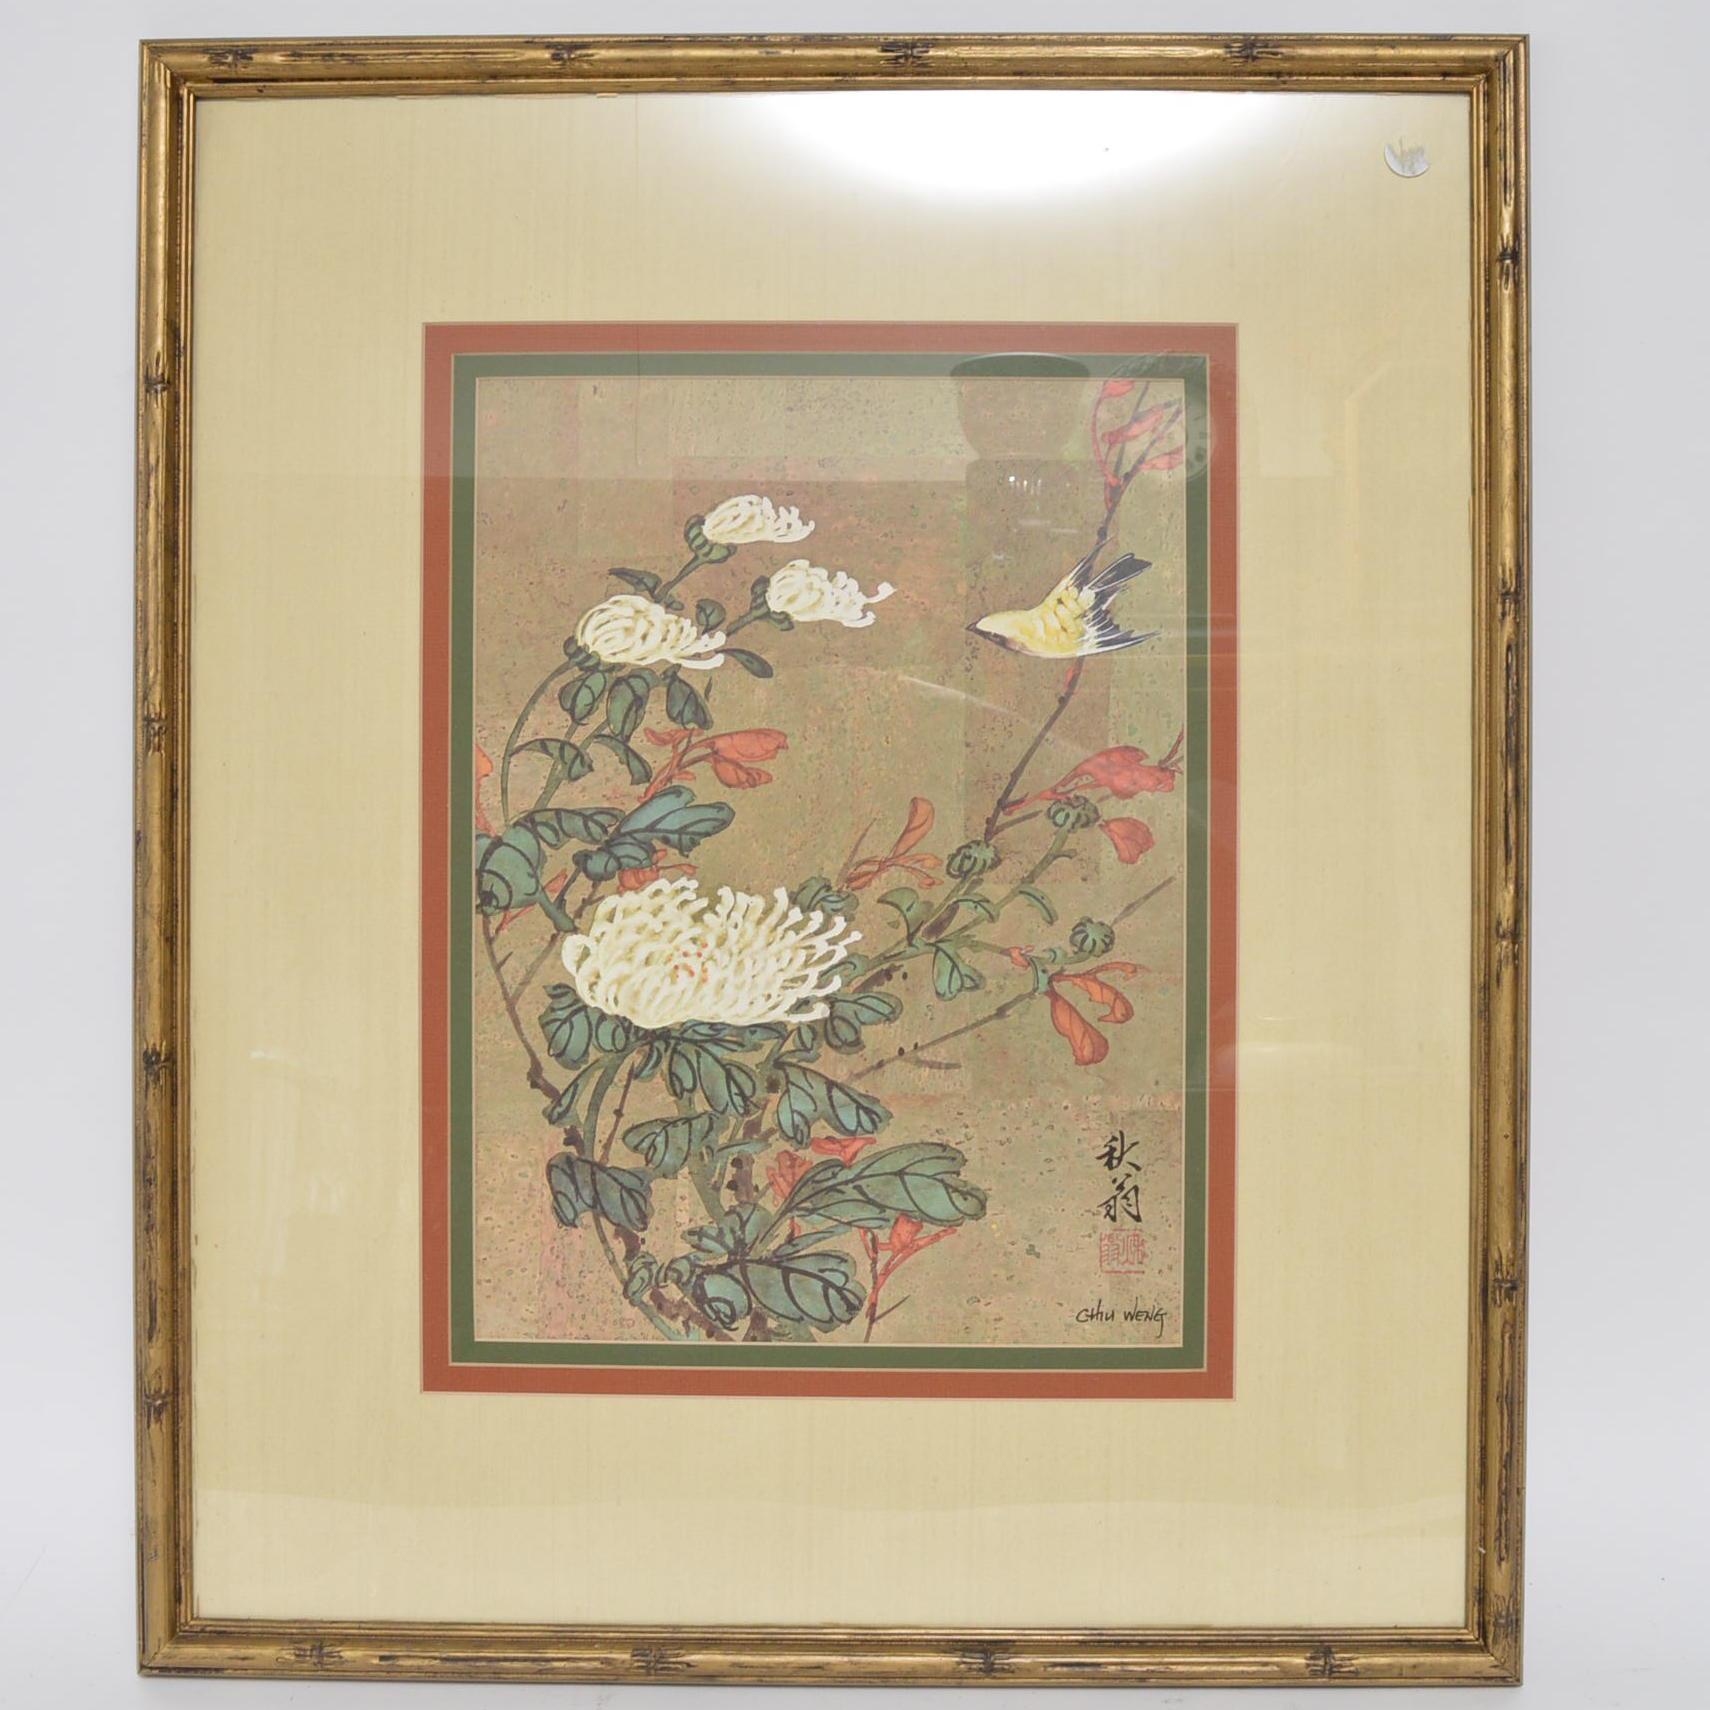 Offset Lithograph After Chiu Weng